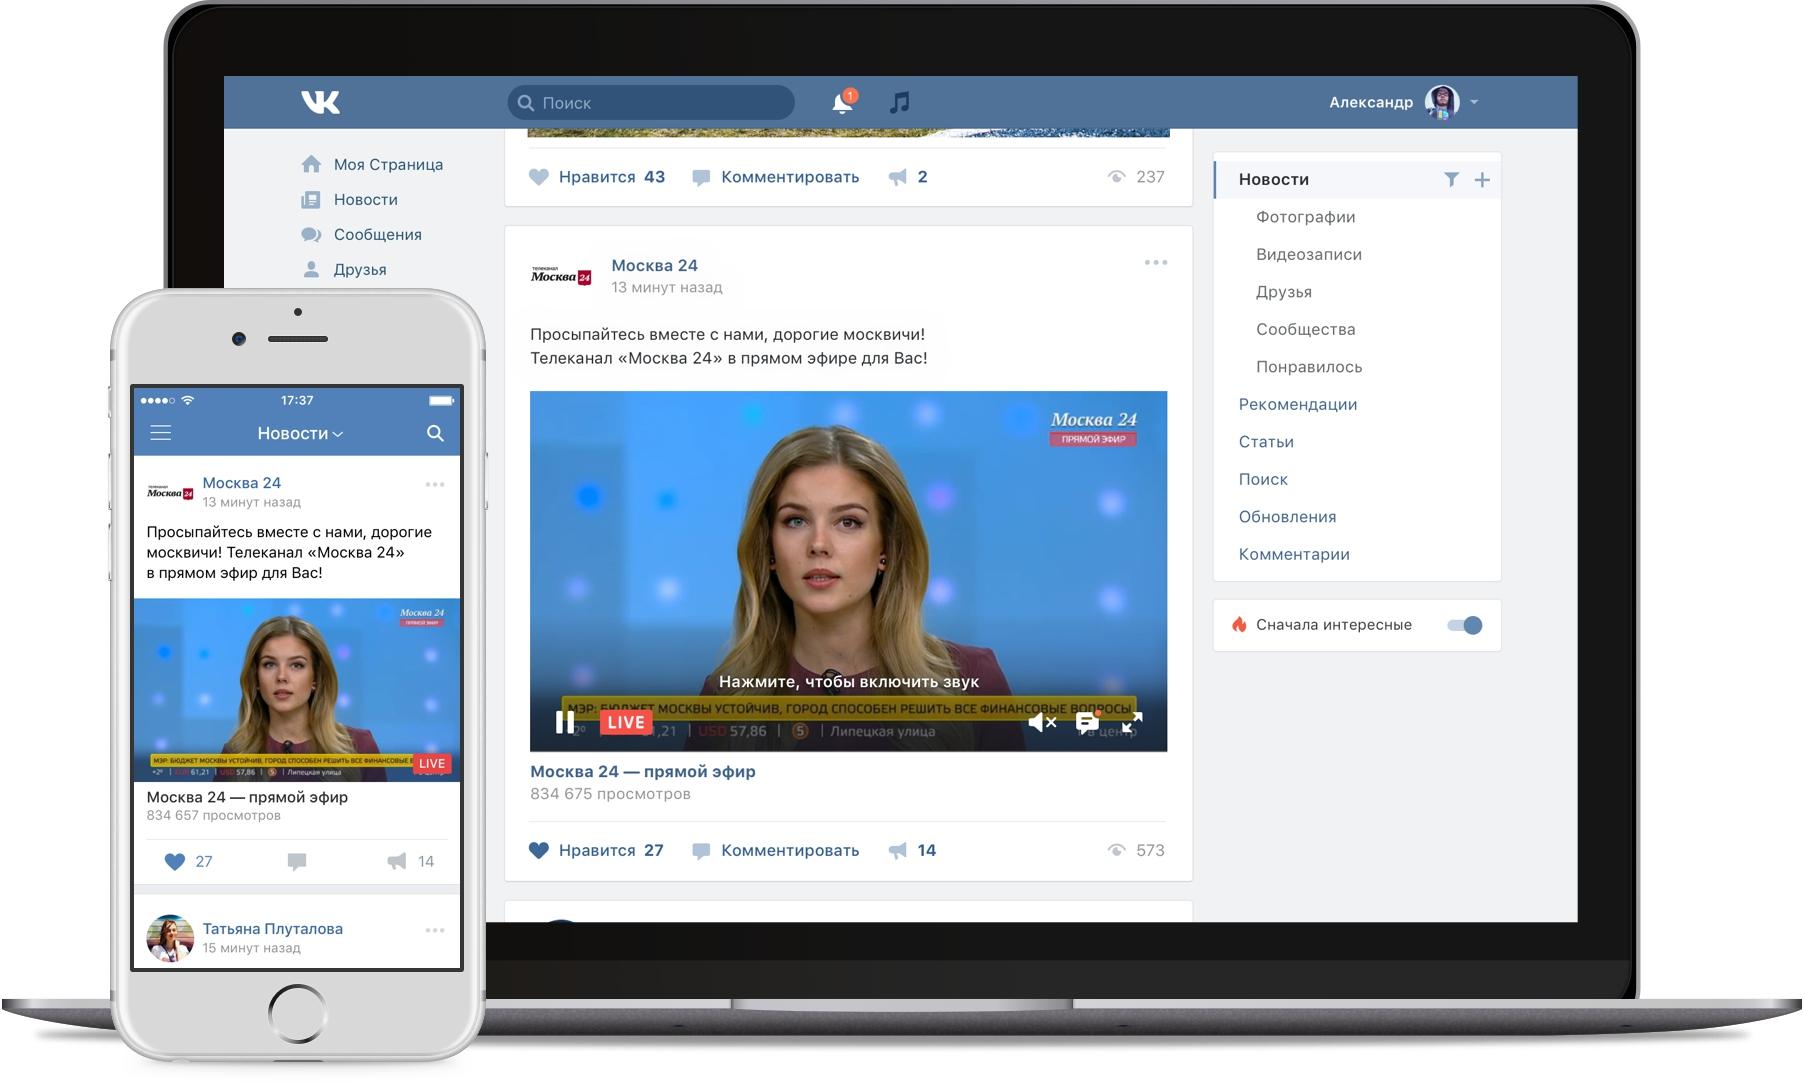 Перевод: Как улучшить маркетинг на основе видео в реальном времени: удобное руководство